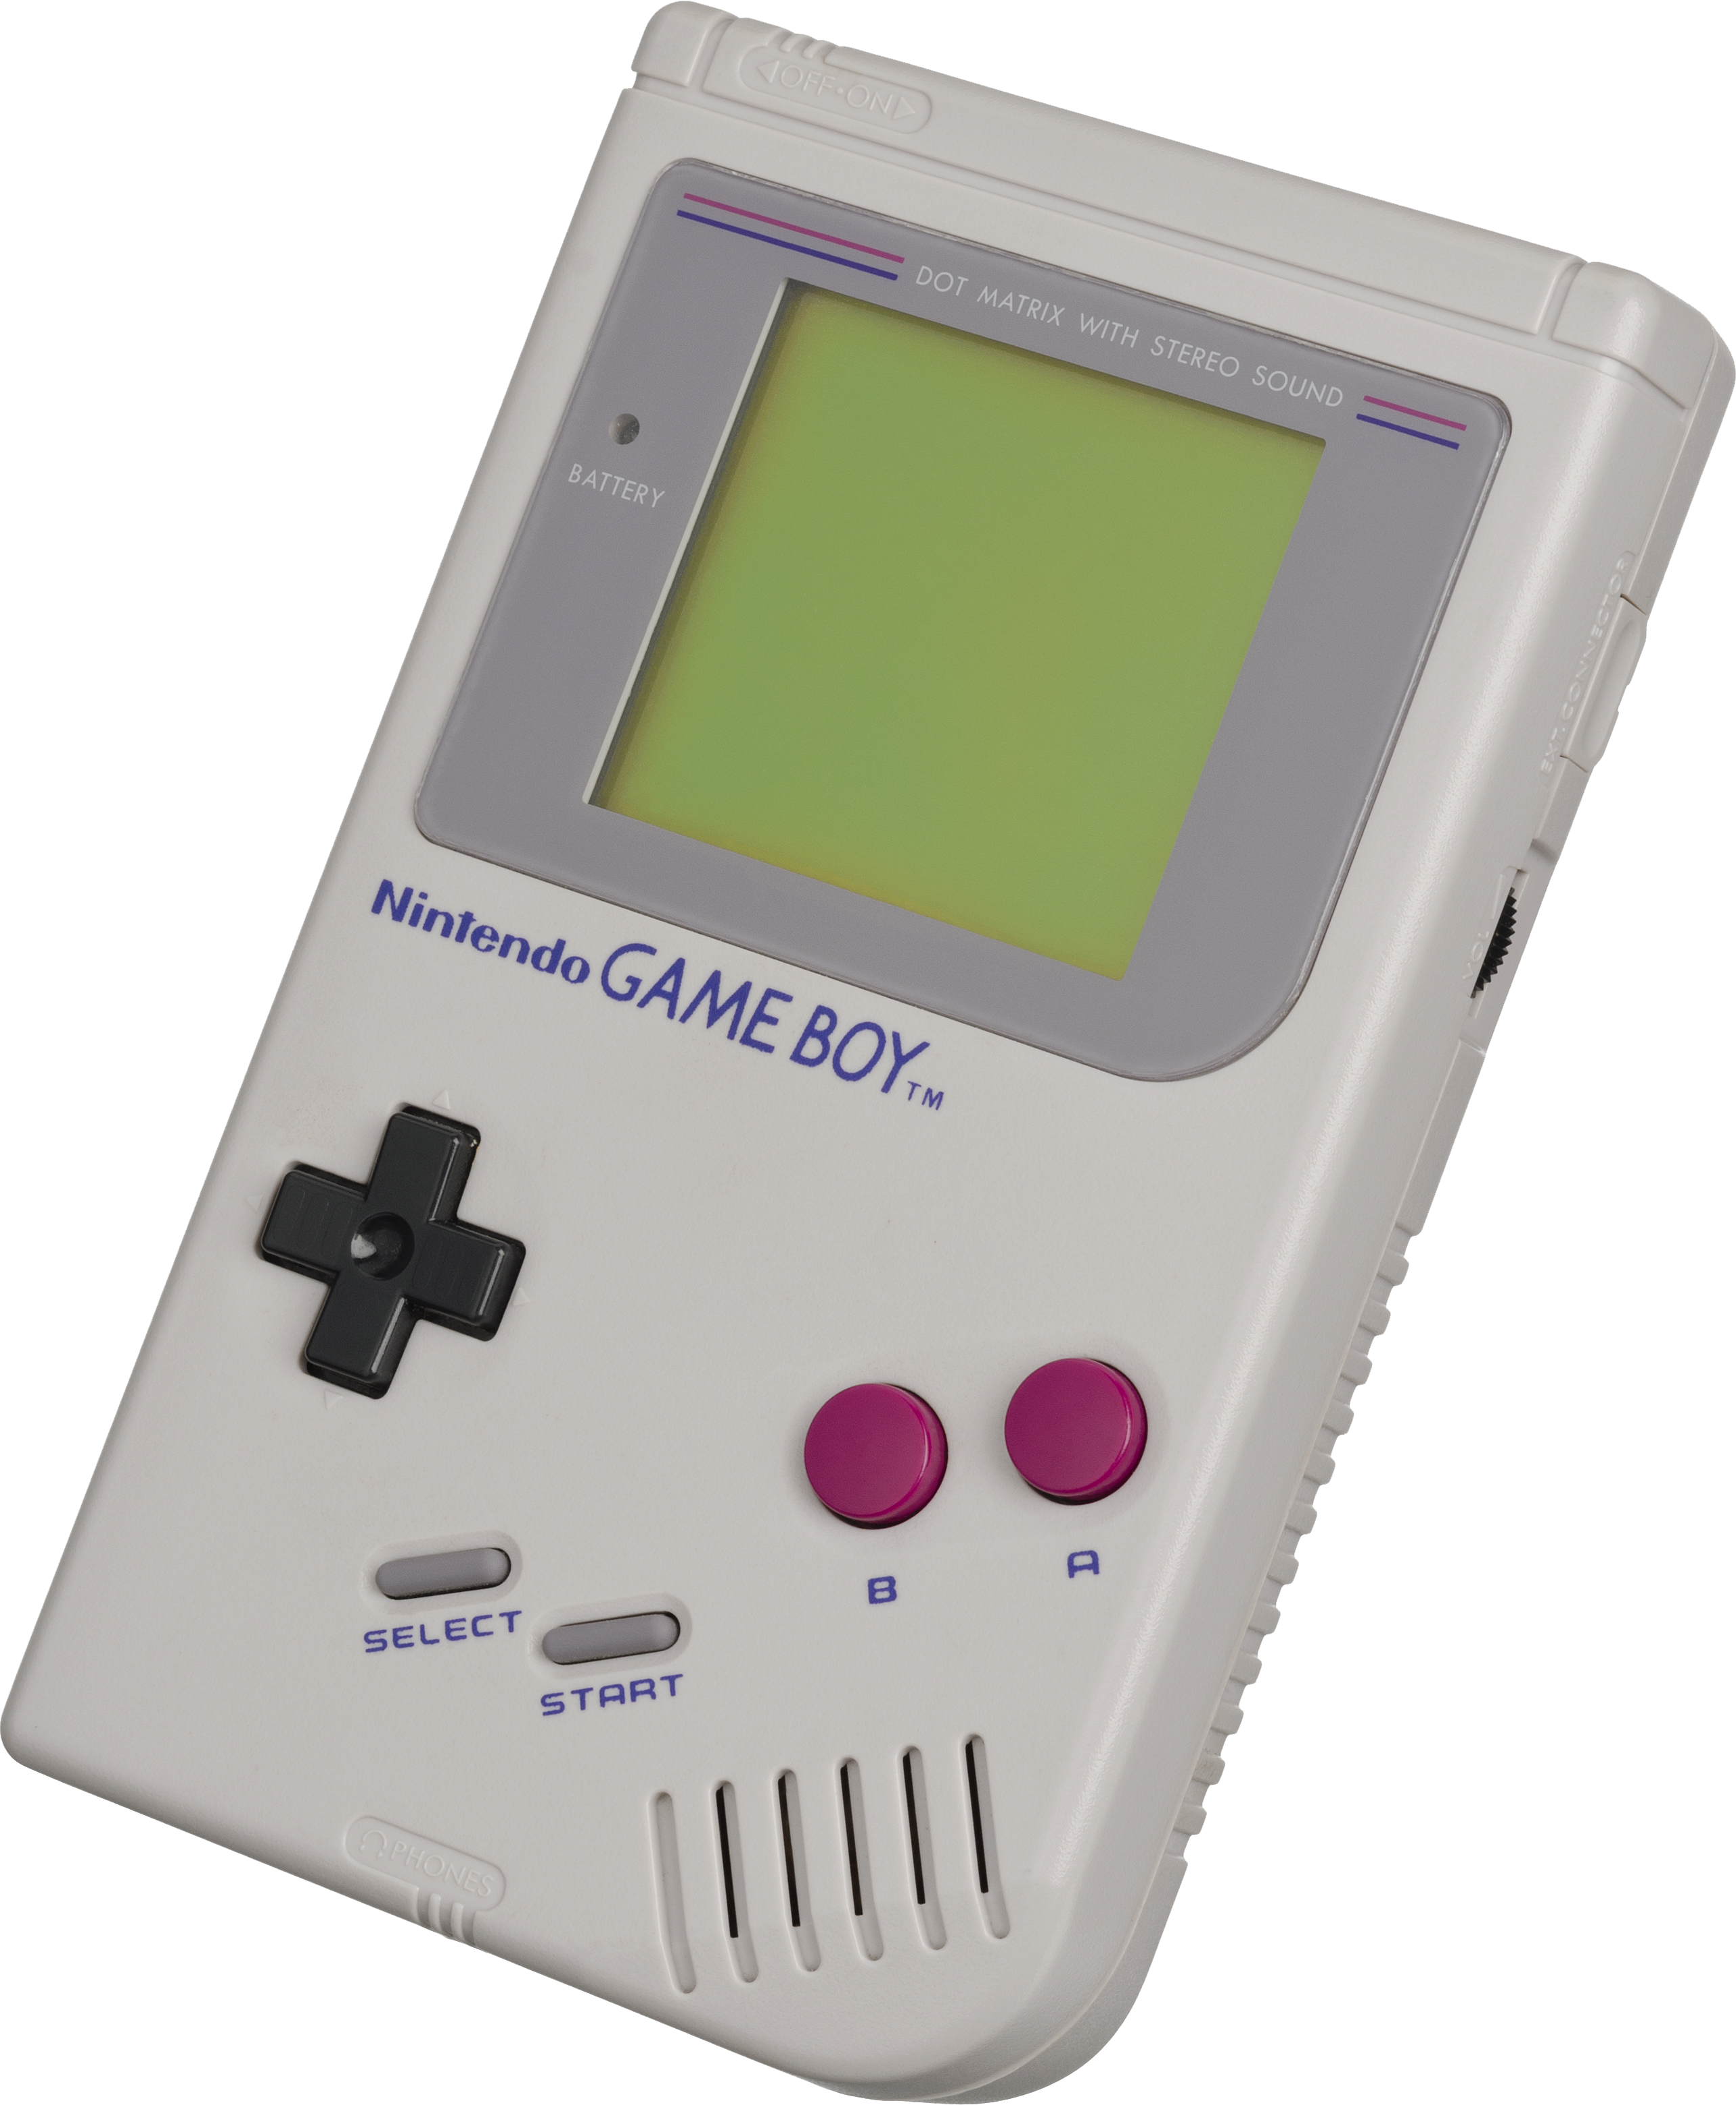 Game Boy family - Wikipedia